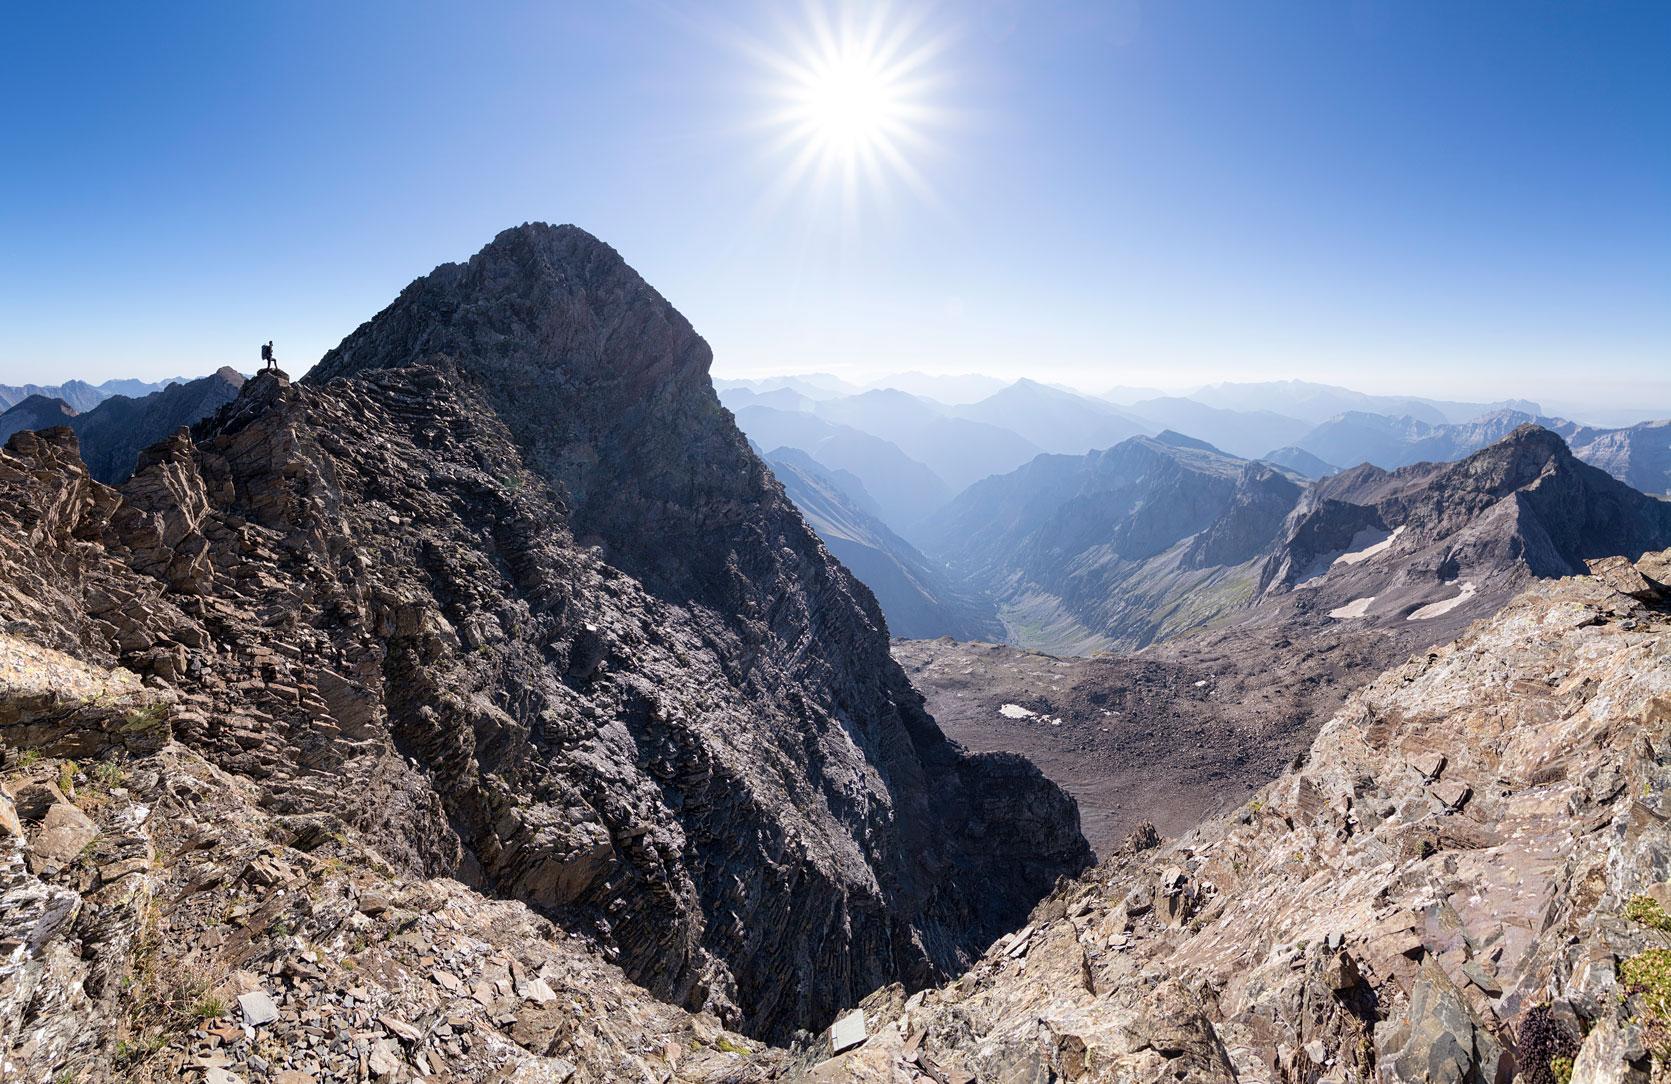 La munia y barrosa - Deportes y aventuras - Inaki Larrea, Nature and mountains Photography